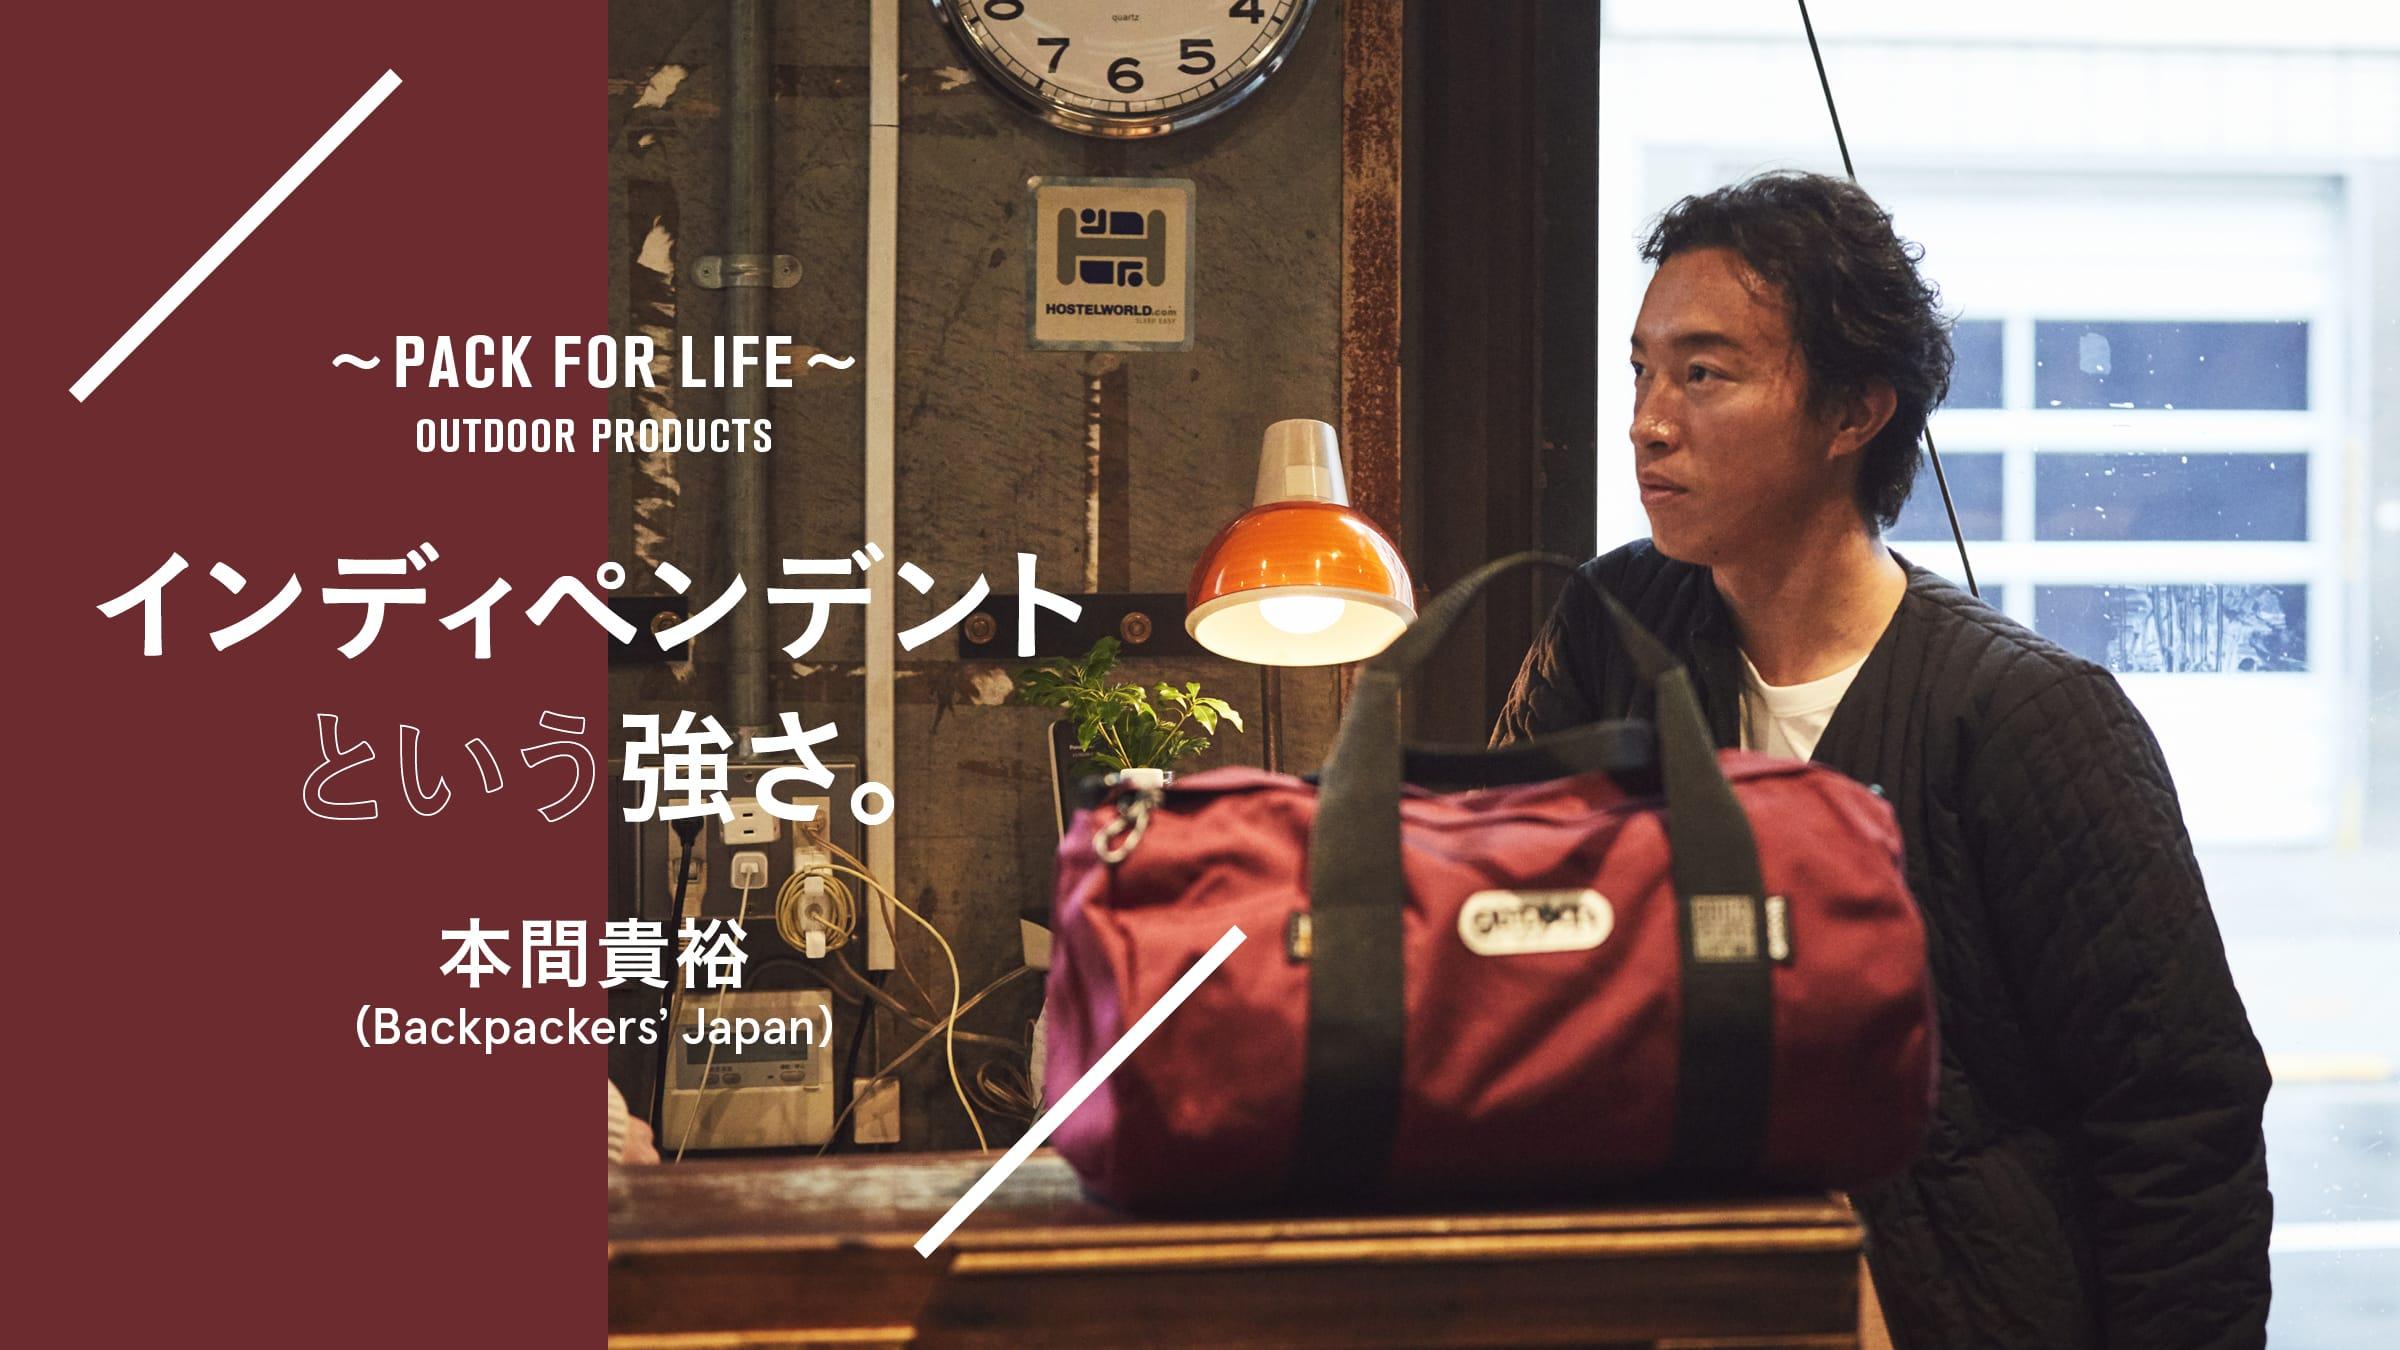 インディペンデントという強さ。本間貴裕(Backpackers' Japan)